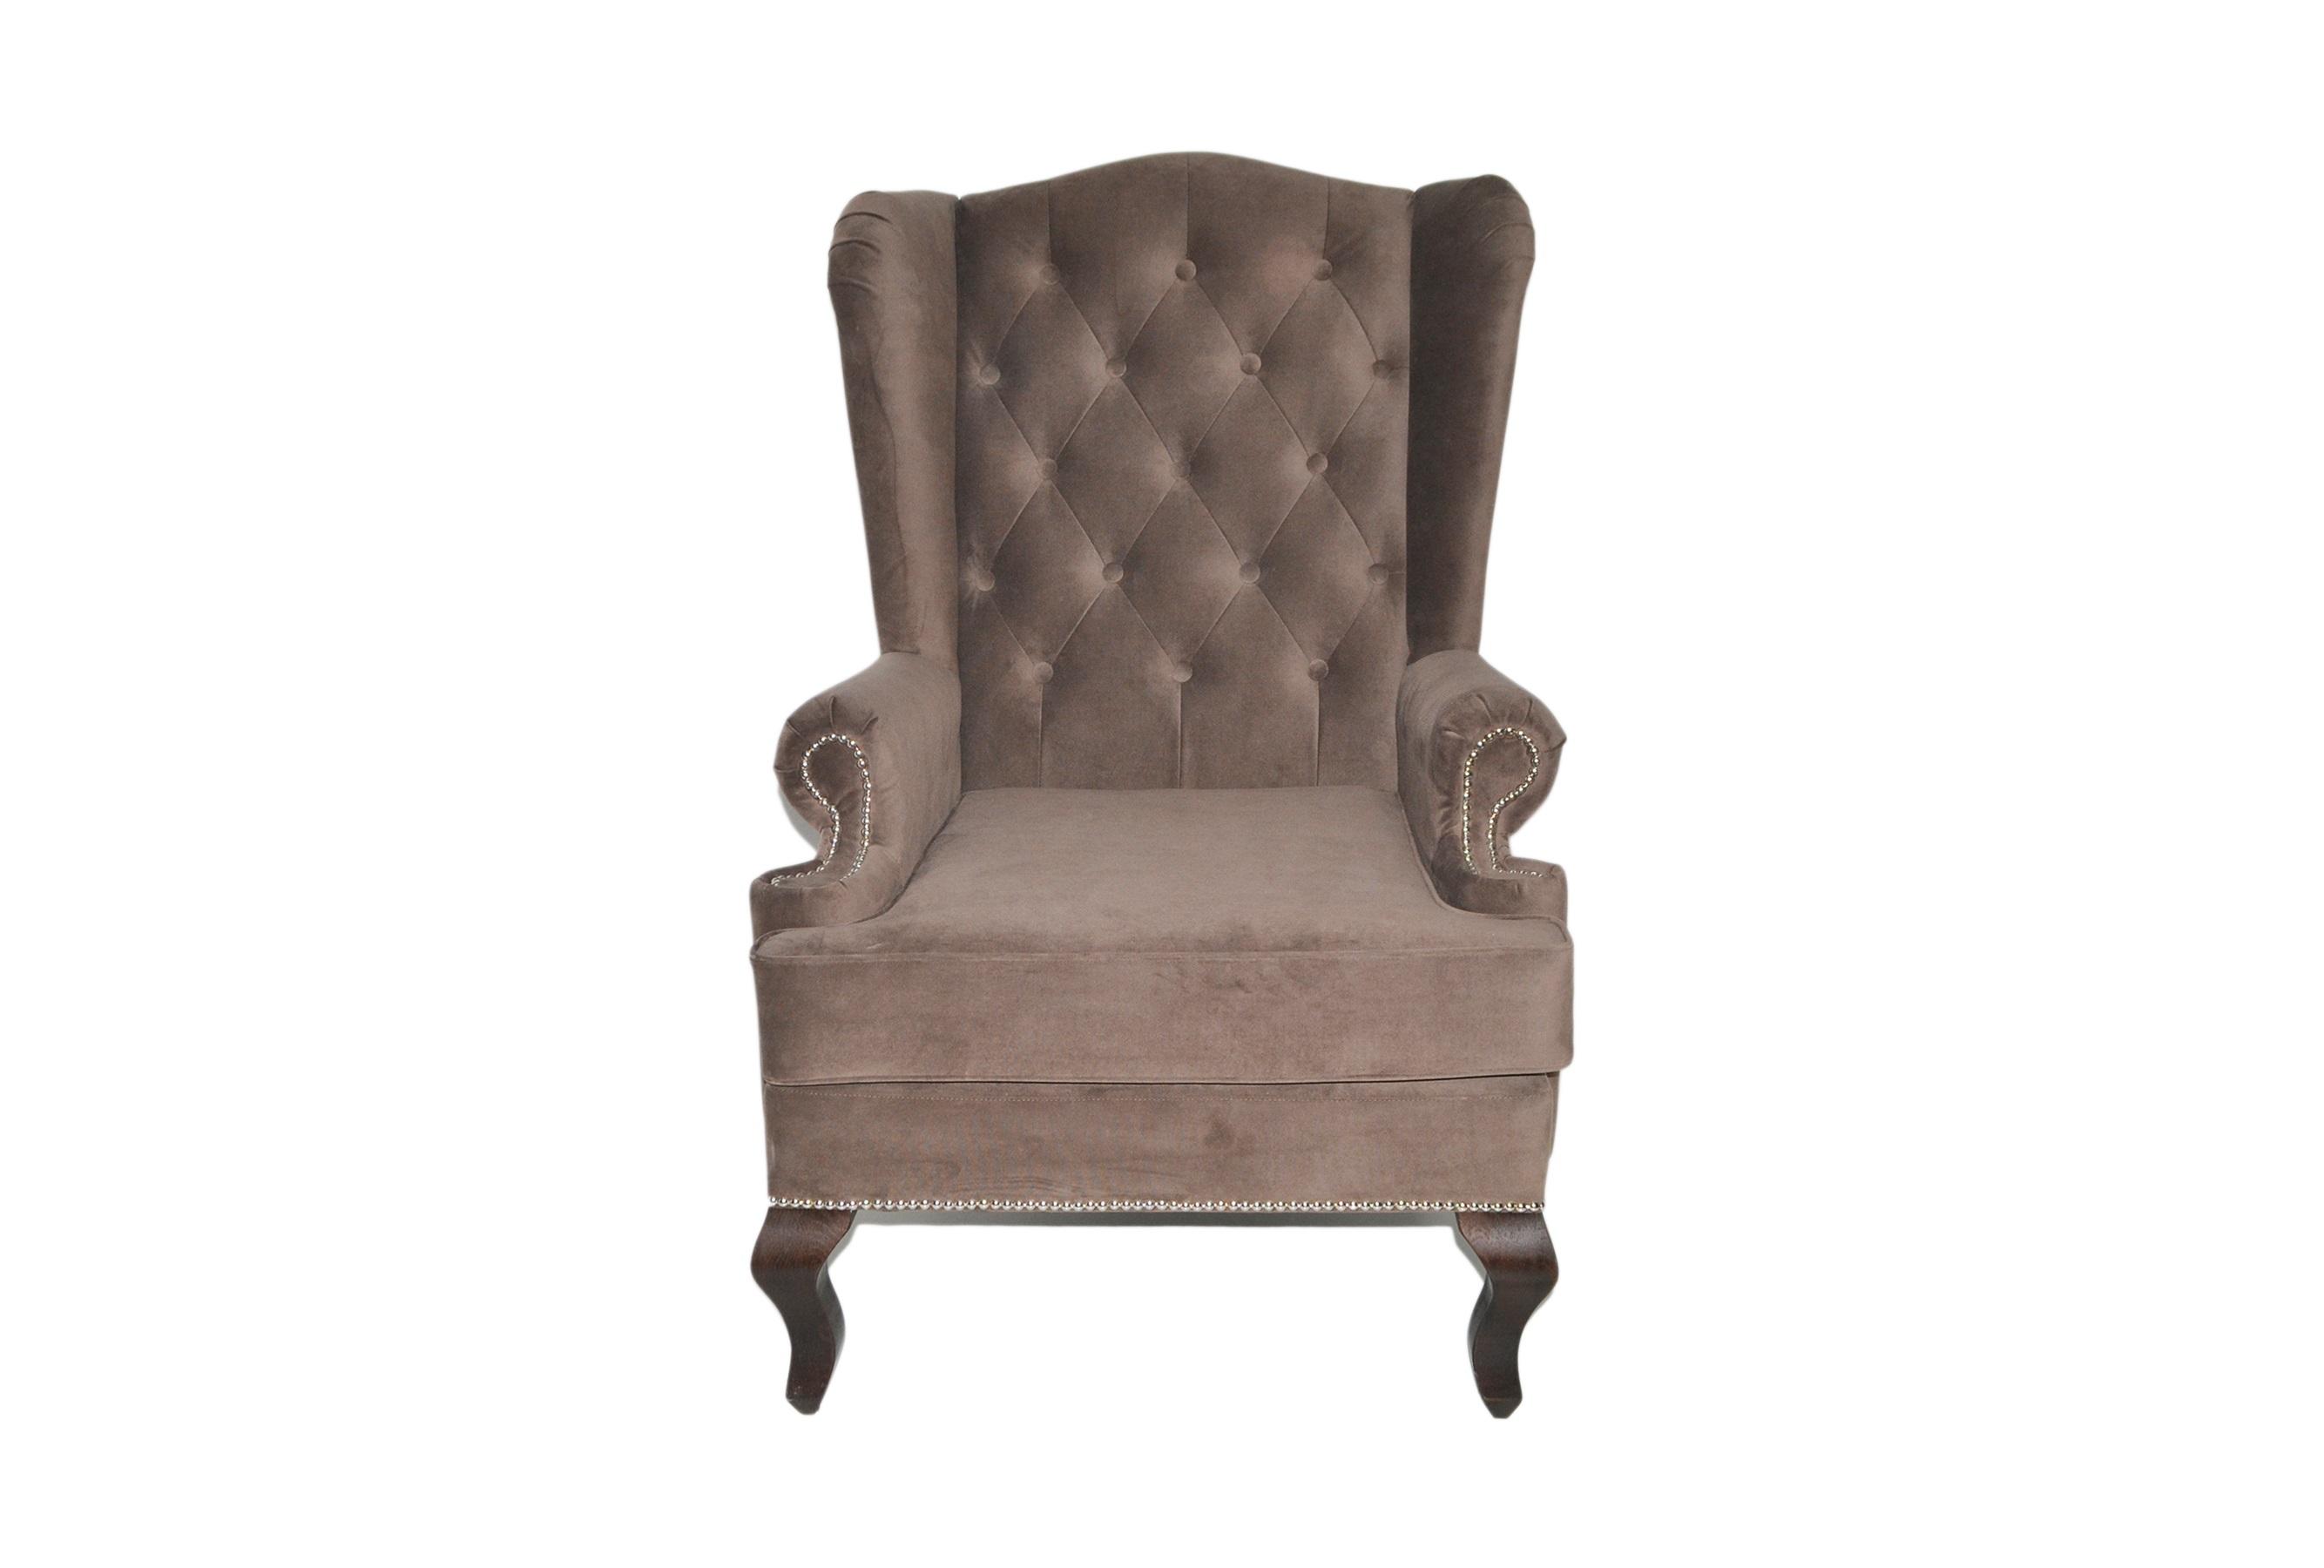 Каминное креслоКресла с высокой спинкой<br>Каминное кресло – мягкий предмет мебели повышенной комфортности с высокой спинкой, оно рассчитано на отдых возле домашнего очага. Его конструкция, как и много лет назад, почти не изменилась.<br>Каминное кресло с ушами (выступами на уровне головы), имеет каркас из дерева, гнутые ножки и мягкие подлокотники. Впервые такую модель сделали в Англии в XVII веке. Пожилых людей своеобразные крылья уберегали от сквозняков, в гостиной они предохраняли от залетания искр из камина. Отсюда появилось название такой модели – каминное кресло в английском стиле. Еще оно именуется на родине «крылатым», «дедушкиным».<br><br>Material: Велюр<br>Length см: None<br>Width см: 73<br>Depth см: 70<br>Height см: 110